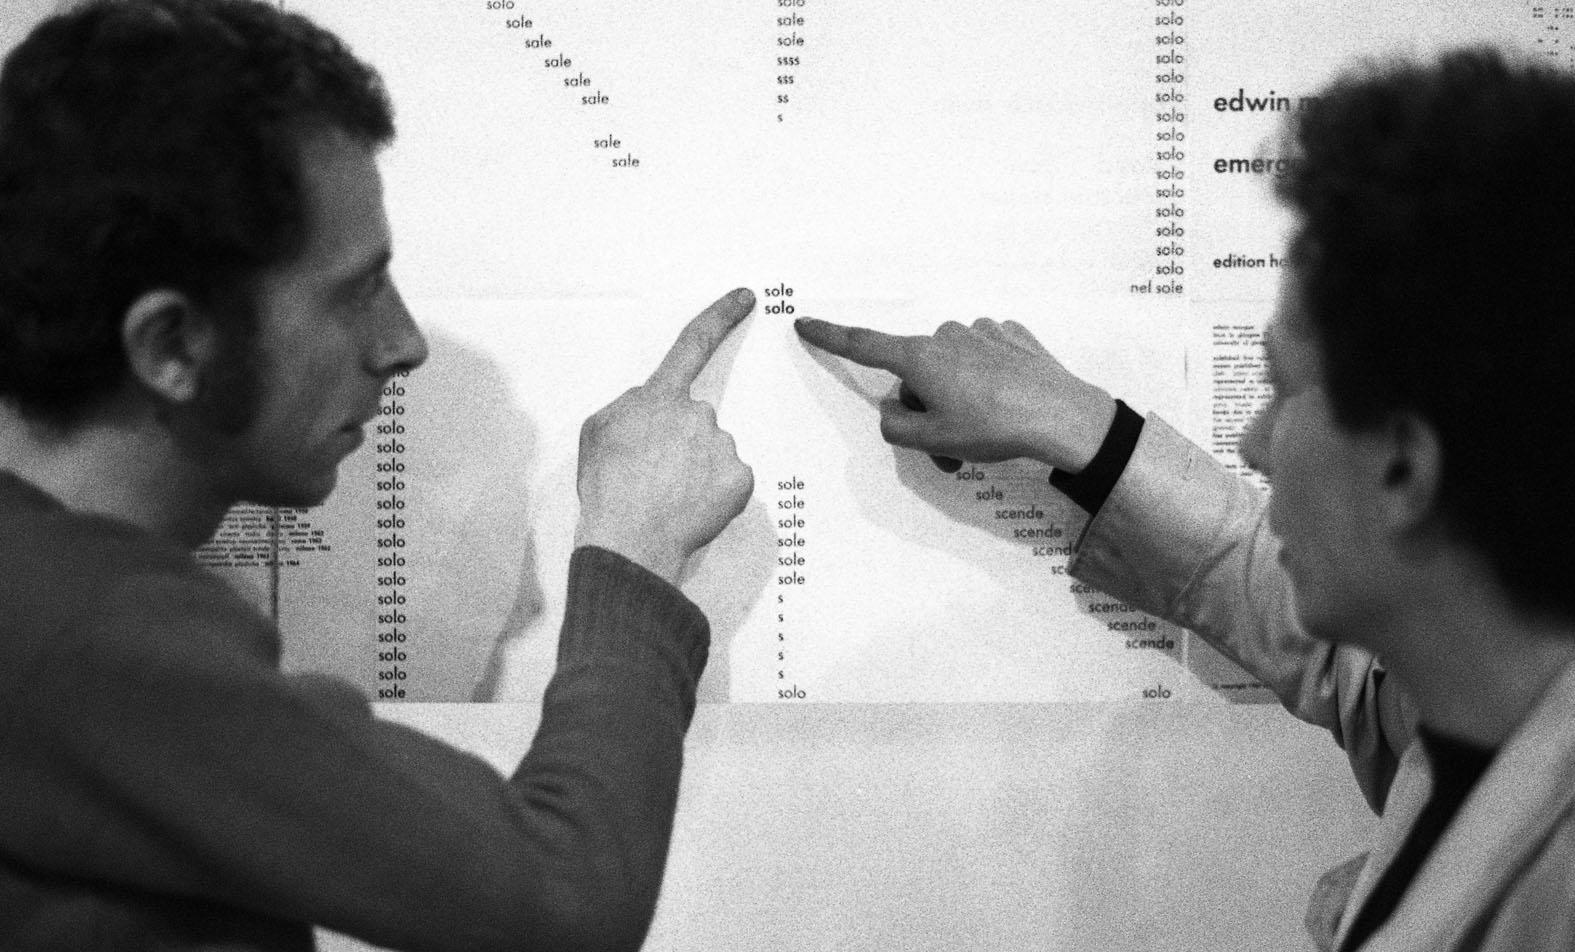 Ada Ardessi, Paolo Scheggi con Getulio Alviani davanti a sole solo di Carlo Belloli, Typoezija - Typoetry, Galerija Studentskog Centra, Zagreb, 1969